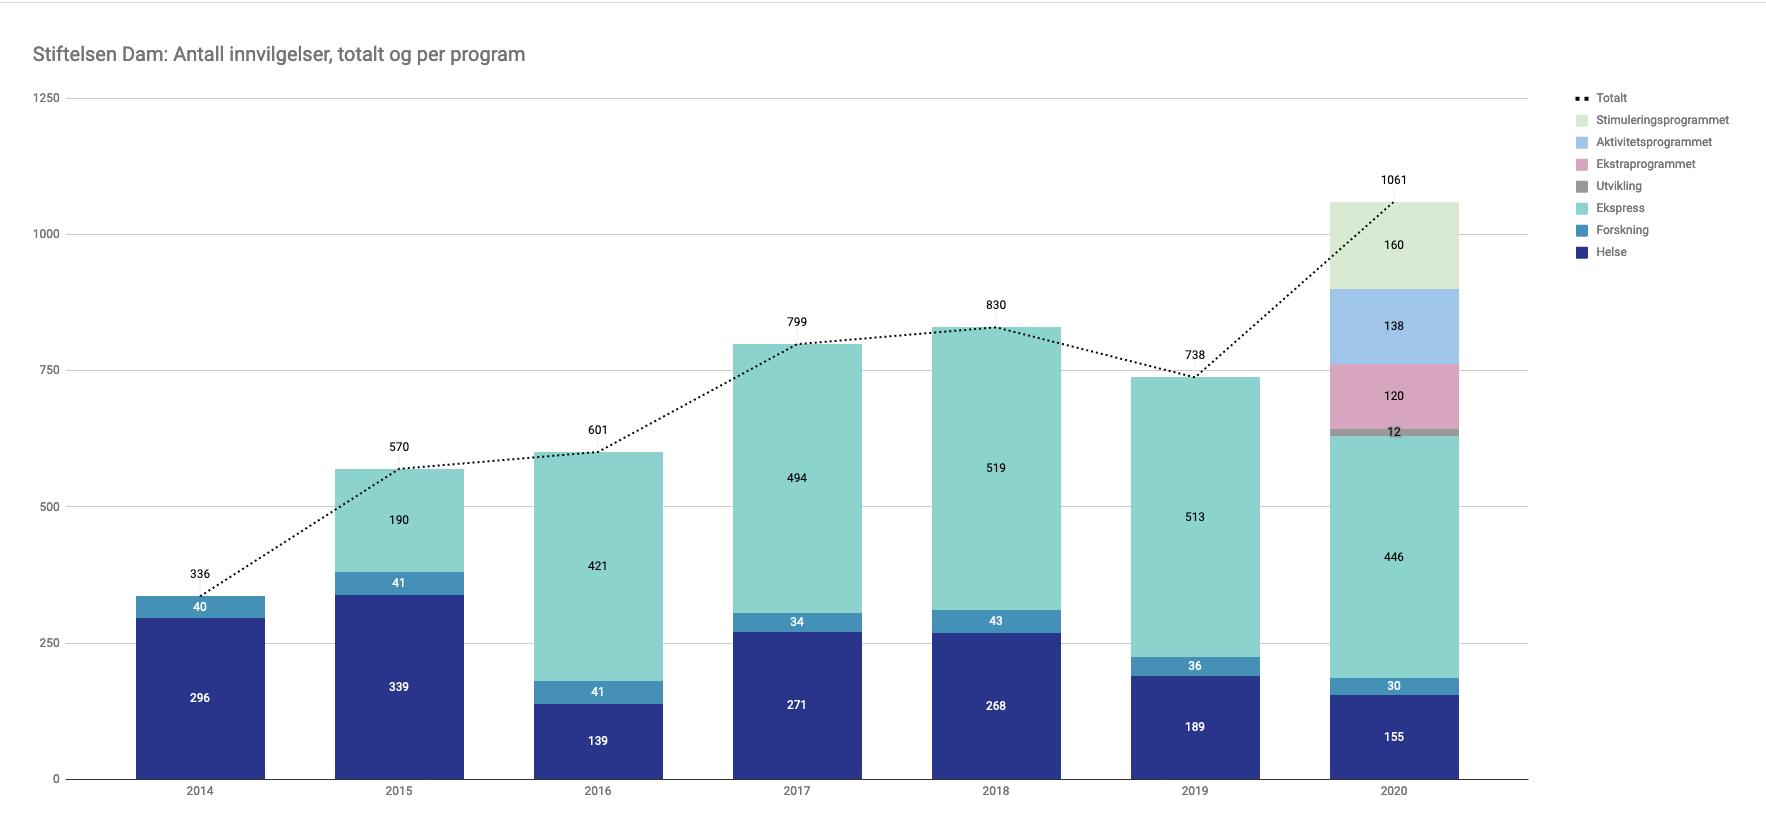 Graf som viser antall innvilgelser i Stiftelsen Dam fra 2014-2020.